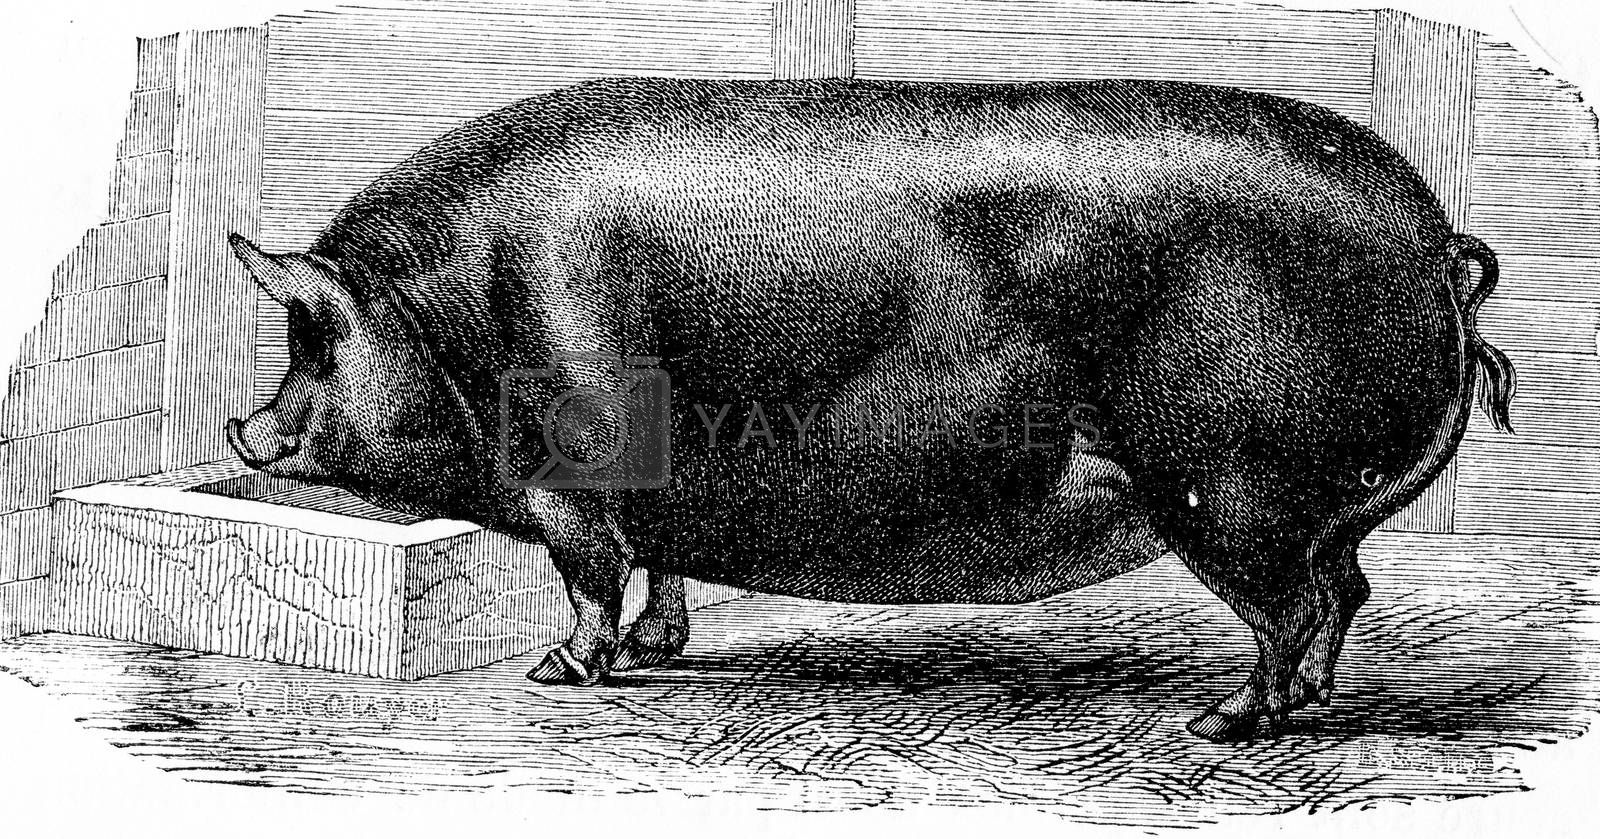 Pig, vintage engraved illustration. Natural History of Animals, 1880.